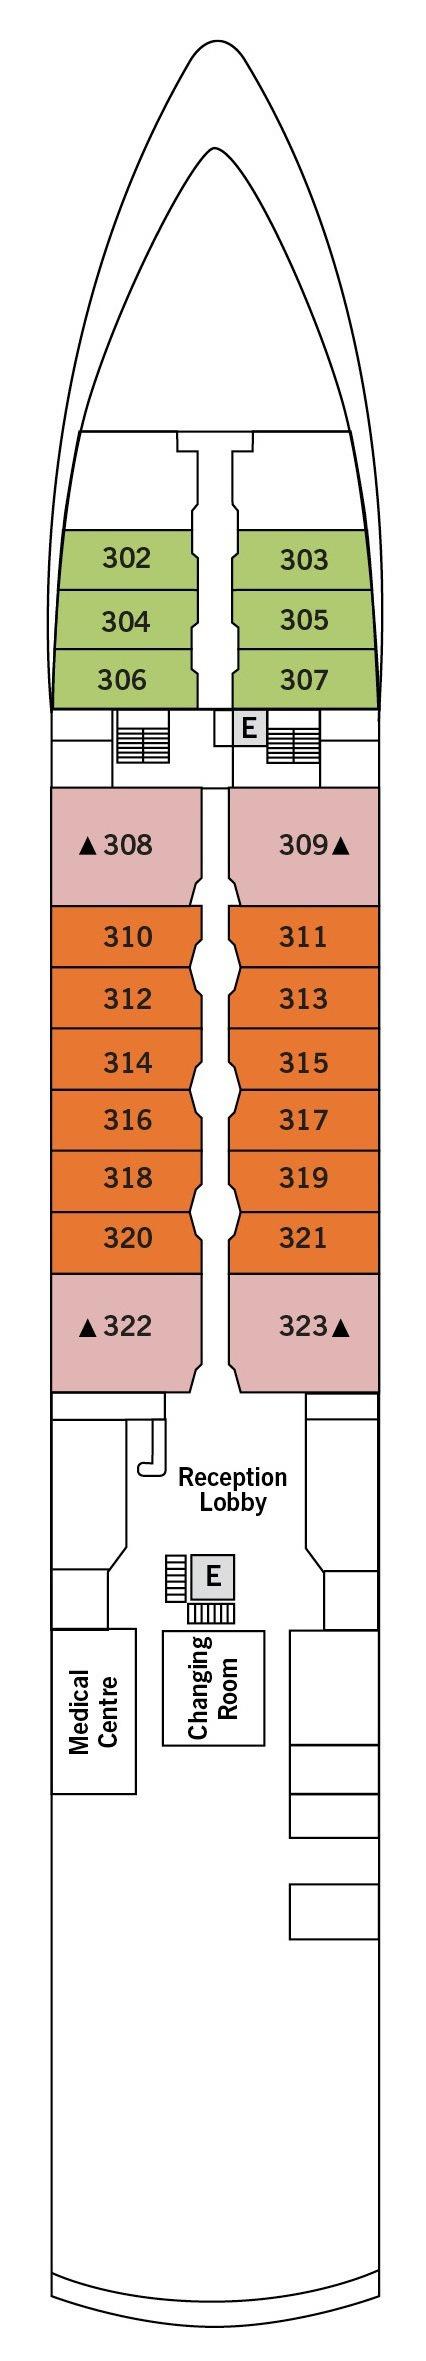 Silver Explorer deck plans - Deck 3